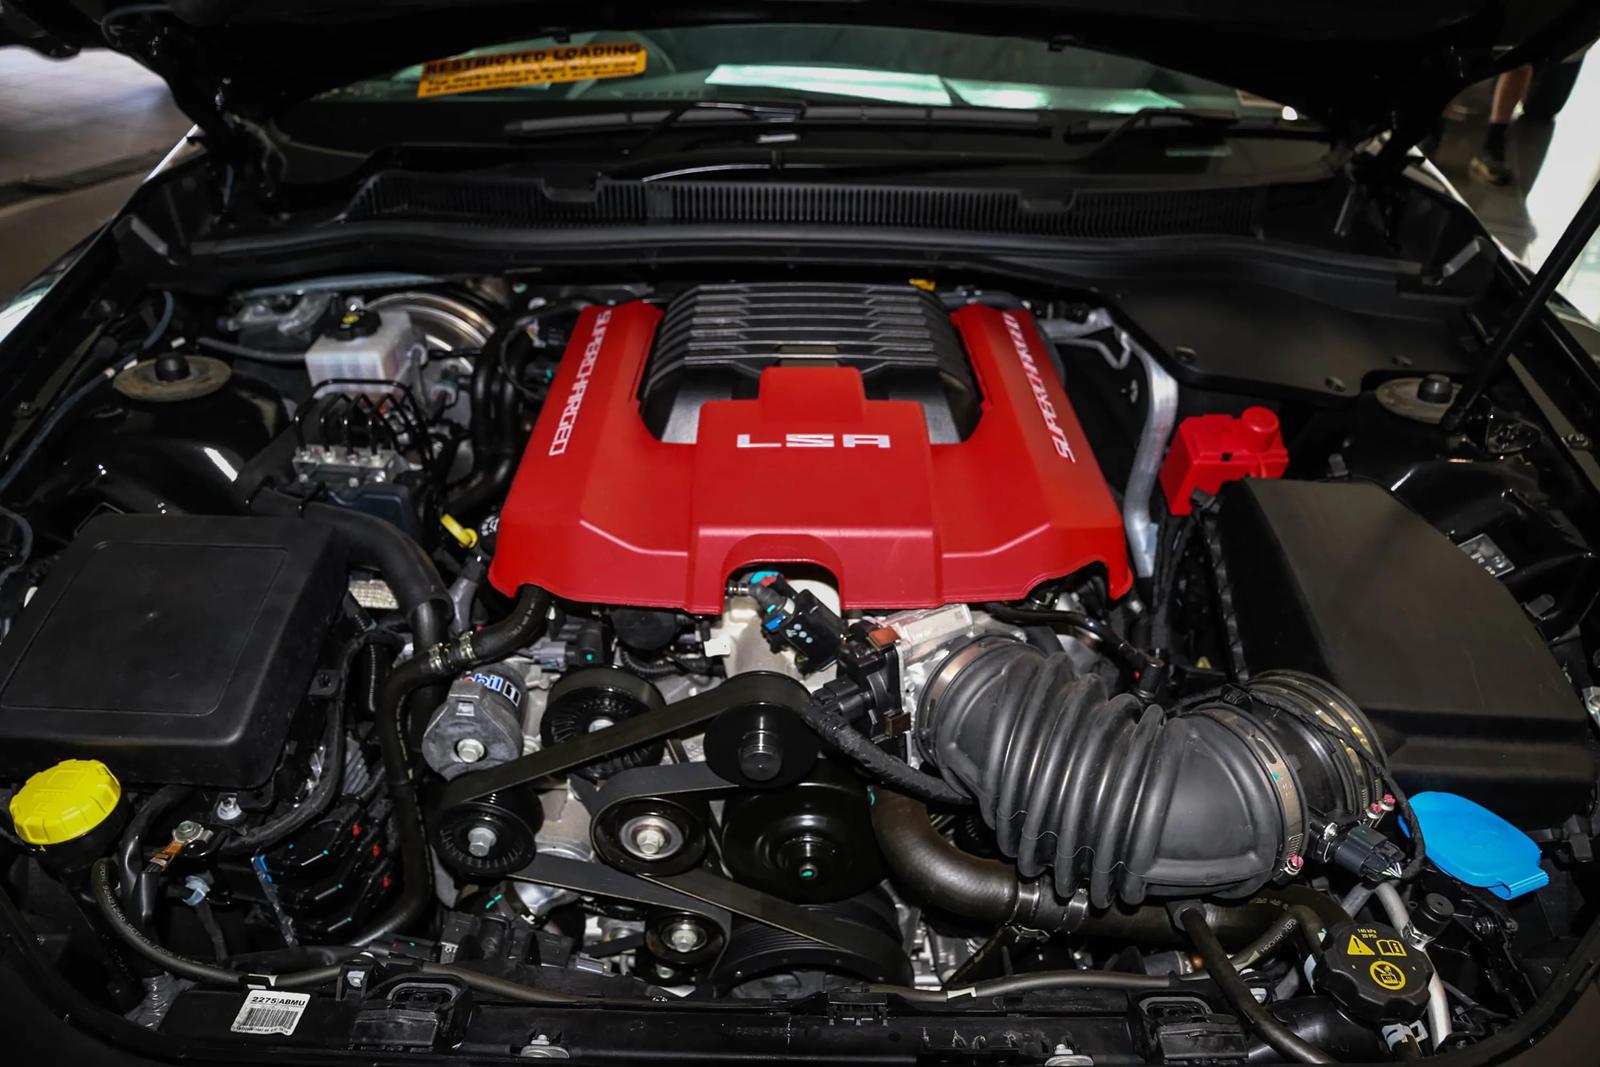 Последний из когда-либо построенных HSV Maloo GTSR был выставлен на продажу в Западной Австралии по цене 958 000 австралийских долларов (5,5 млн рублей).